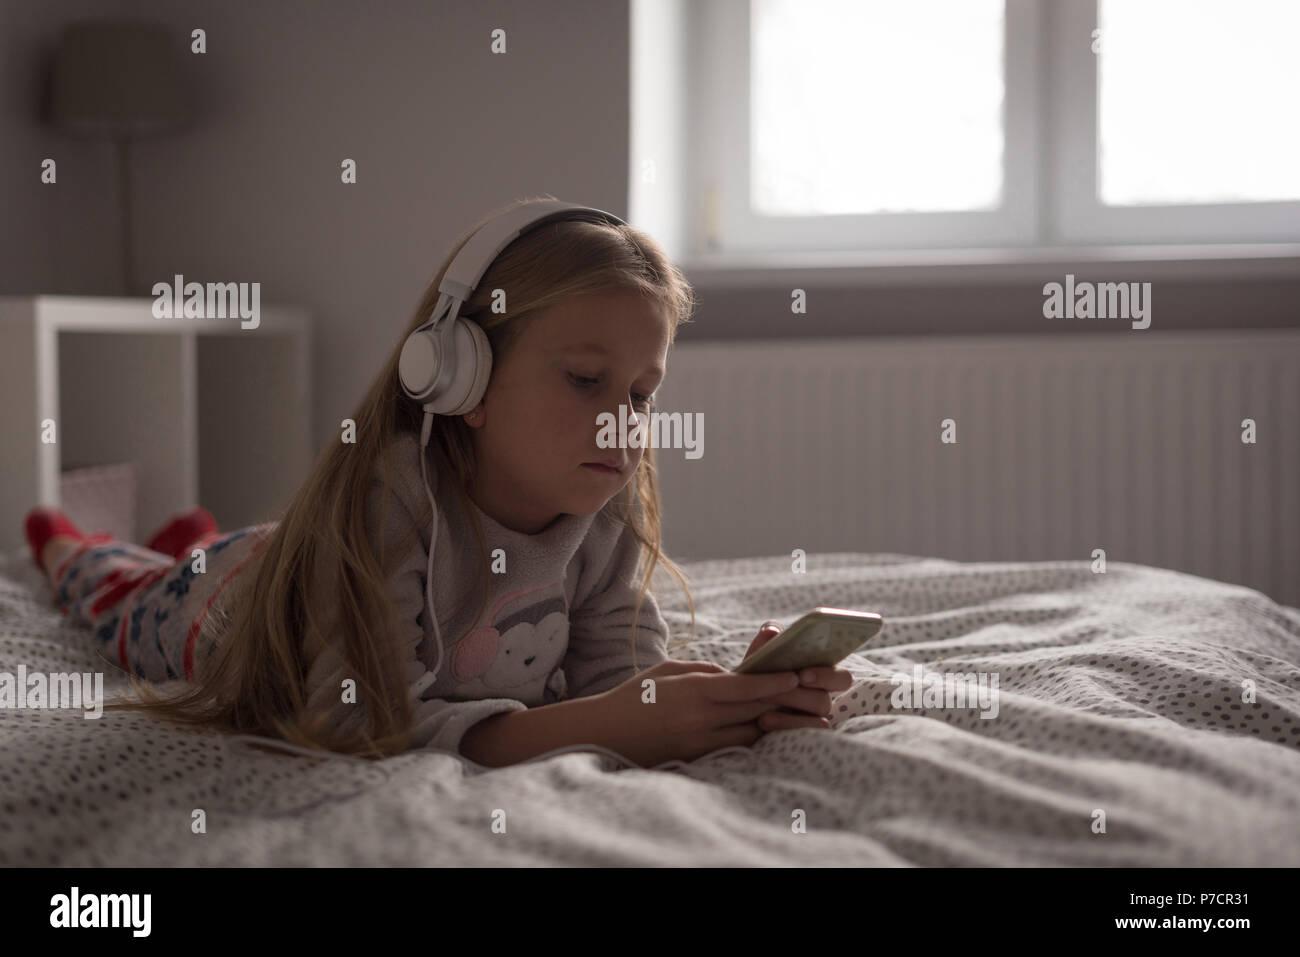 Girl listening music sur téléphone mobile avec un casque dans la chambre Banque D'Images